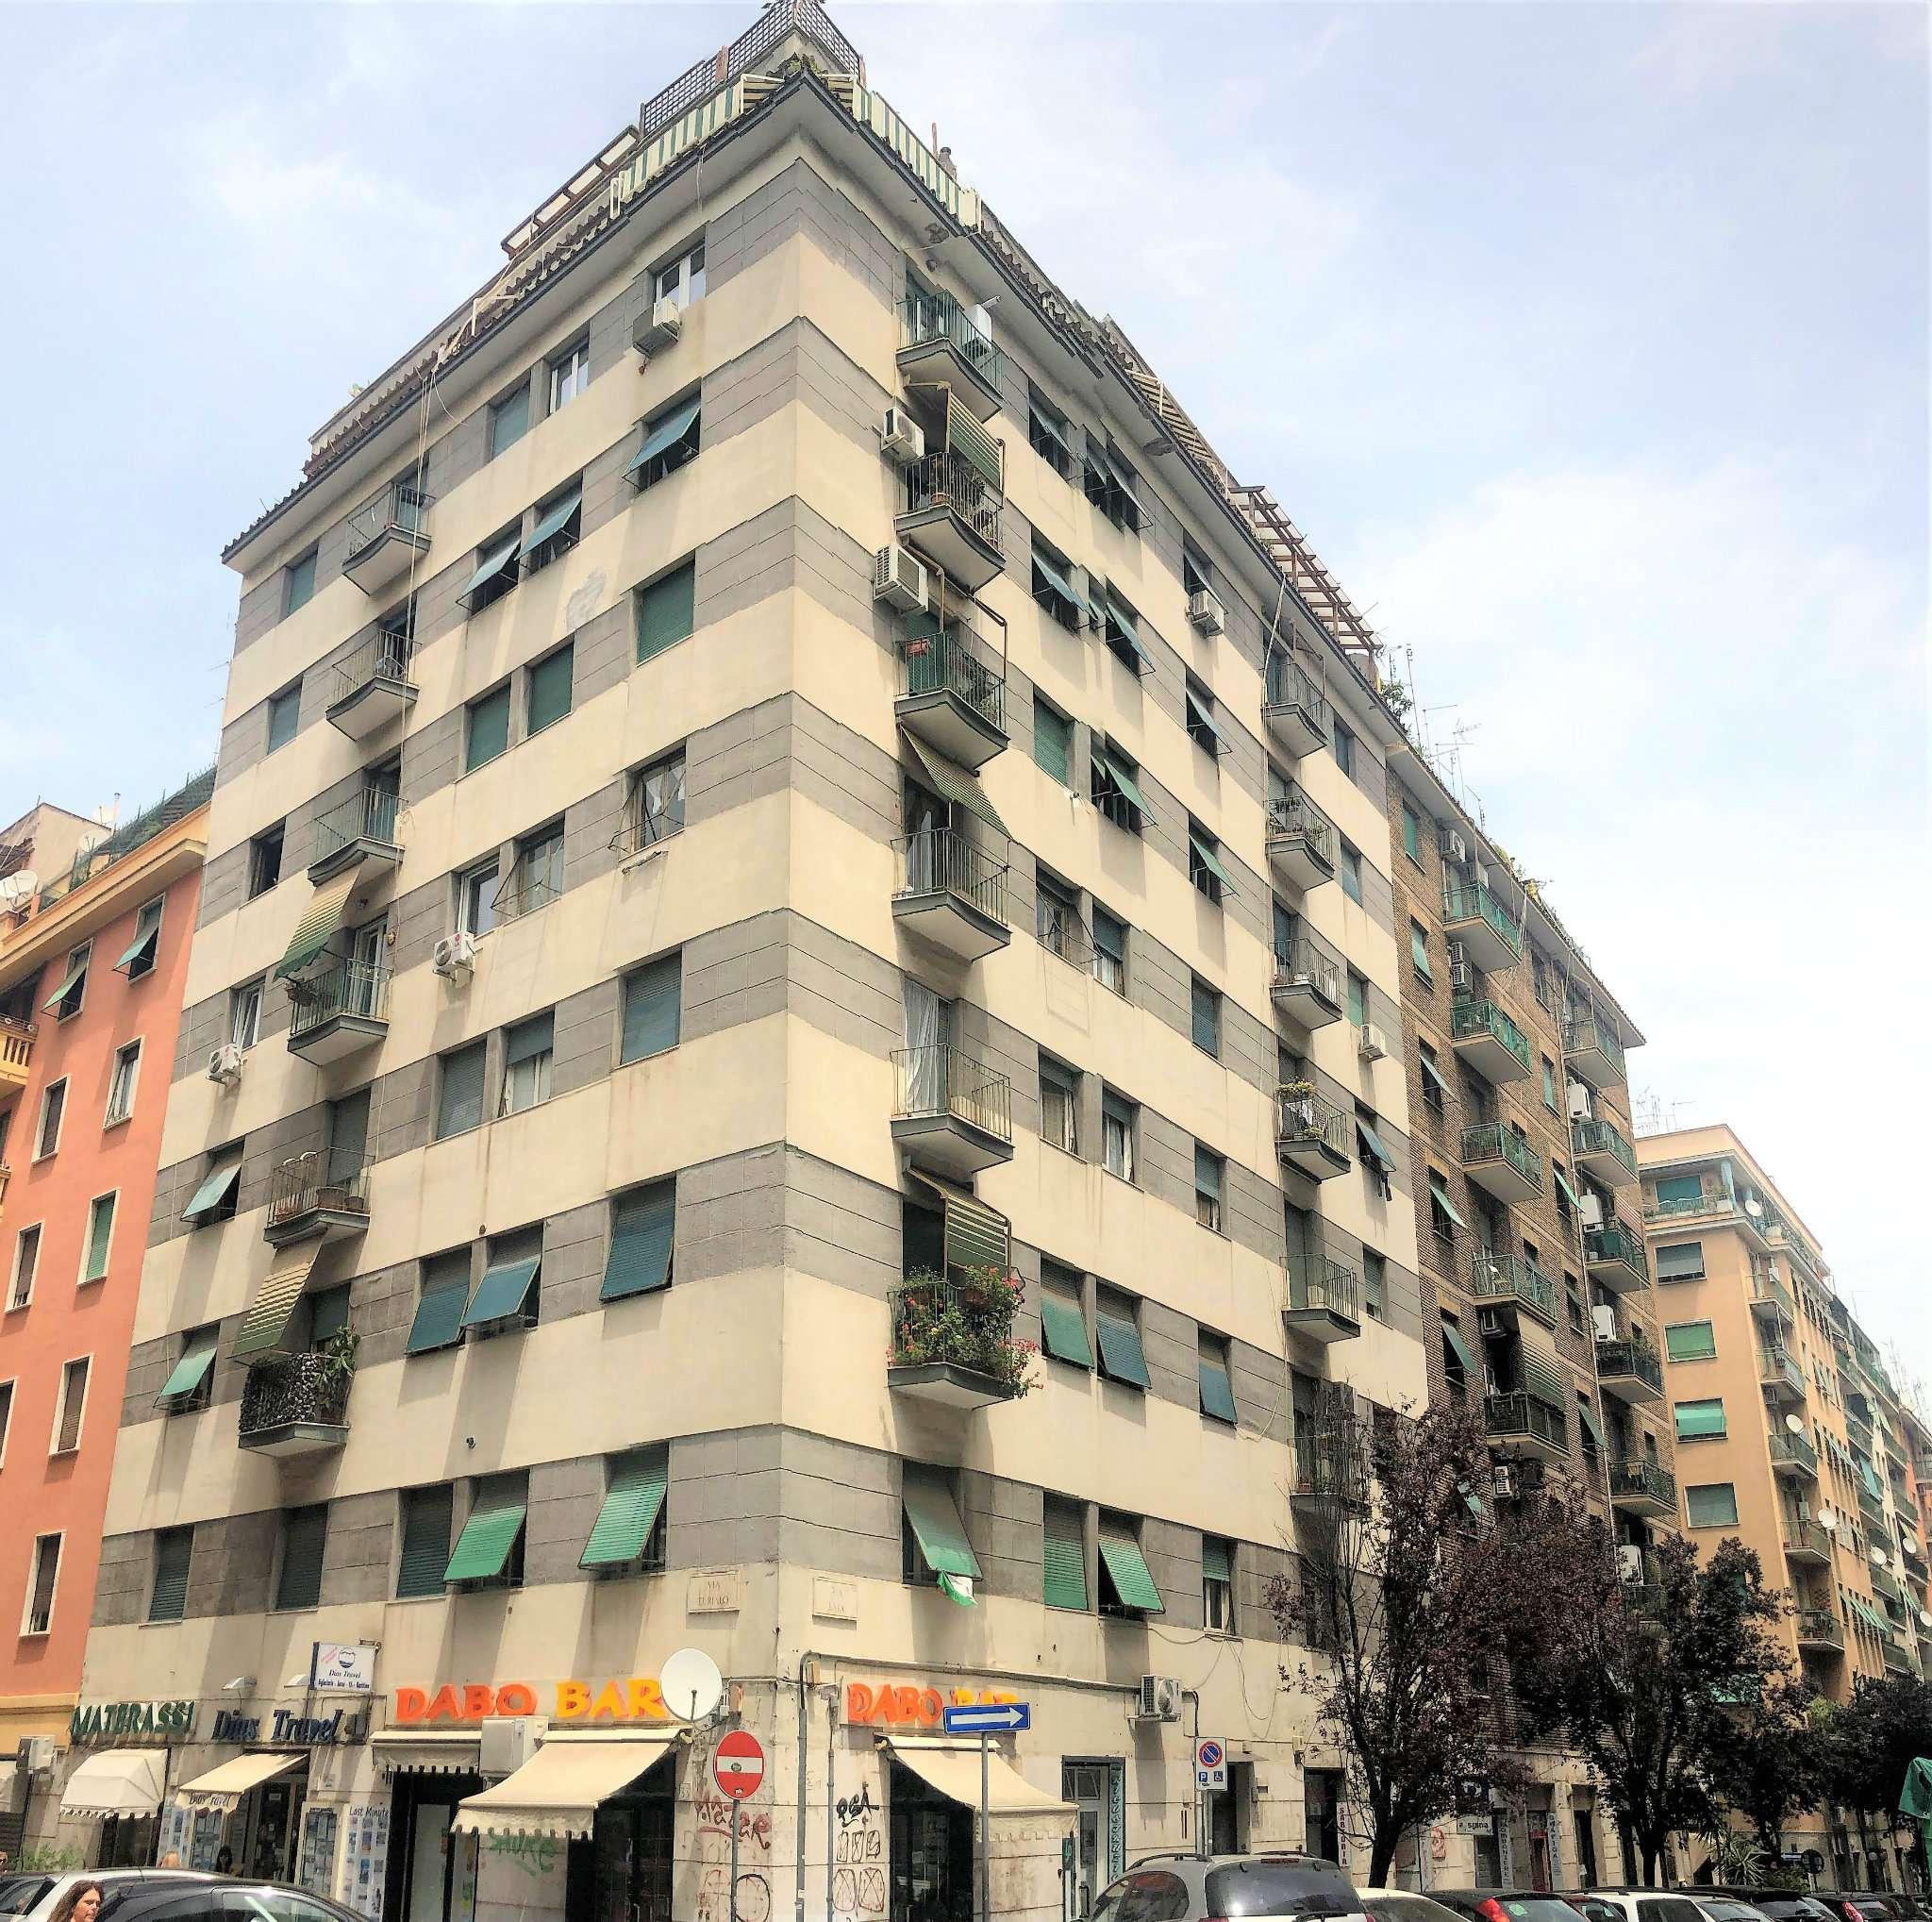 Appartamento in vendita a Roma, 4 locali, zona Zona: 16 . Appia nuova - Alberone - Colli Albani, prezzo € 329.000 | CambioCasa.it